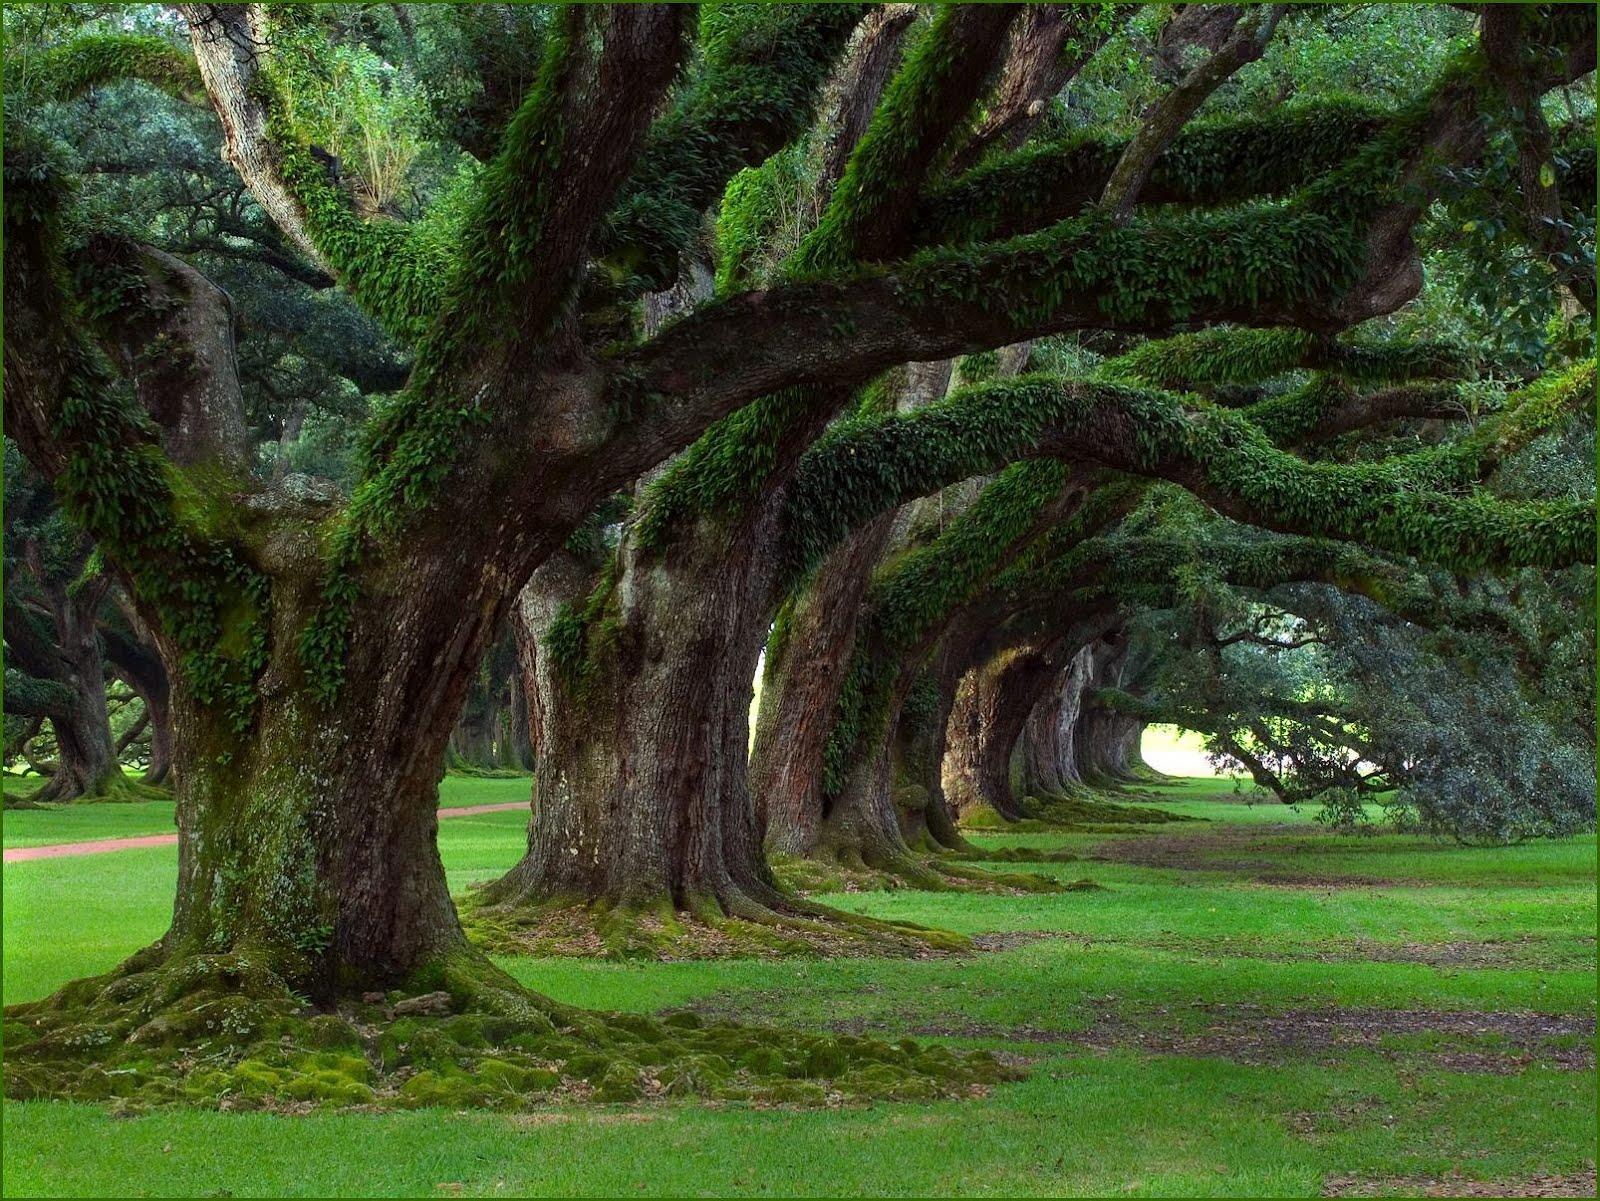 http://1.bp.blogspot.com/-NszKX9_HSqI/T2SRJeDNN1I/AAAAAAAAAPo/5xPKPrjlY54/s1600/wallpaper-nature-.jpg